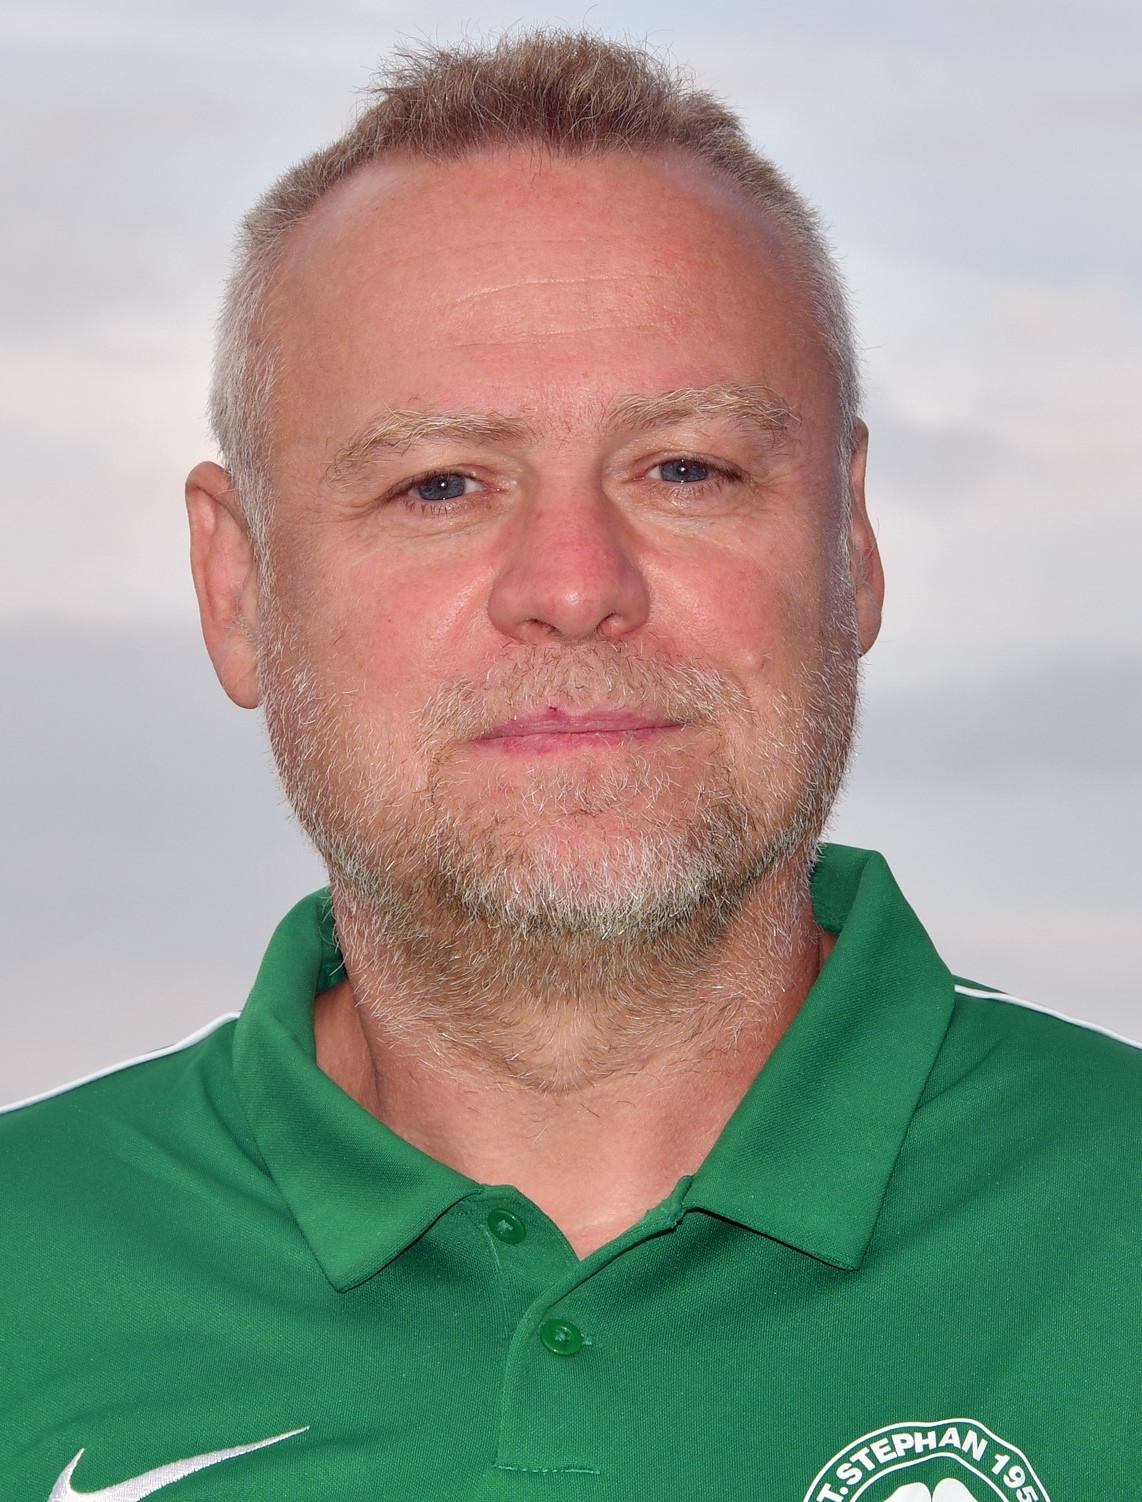 Jürgen Aufleger